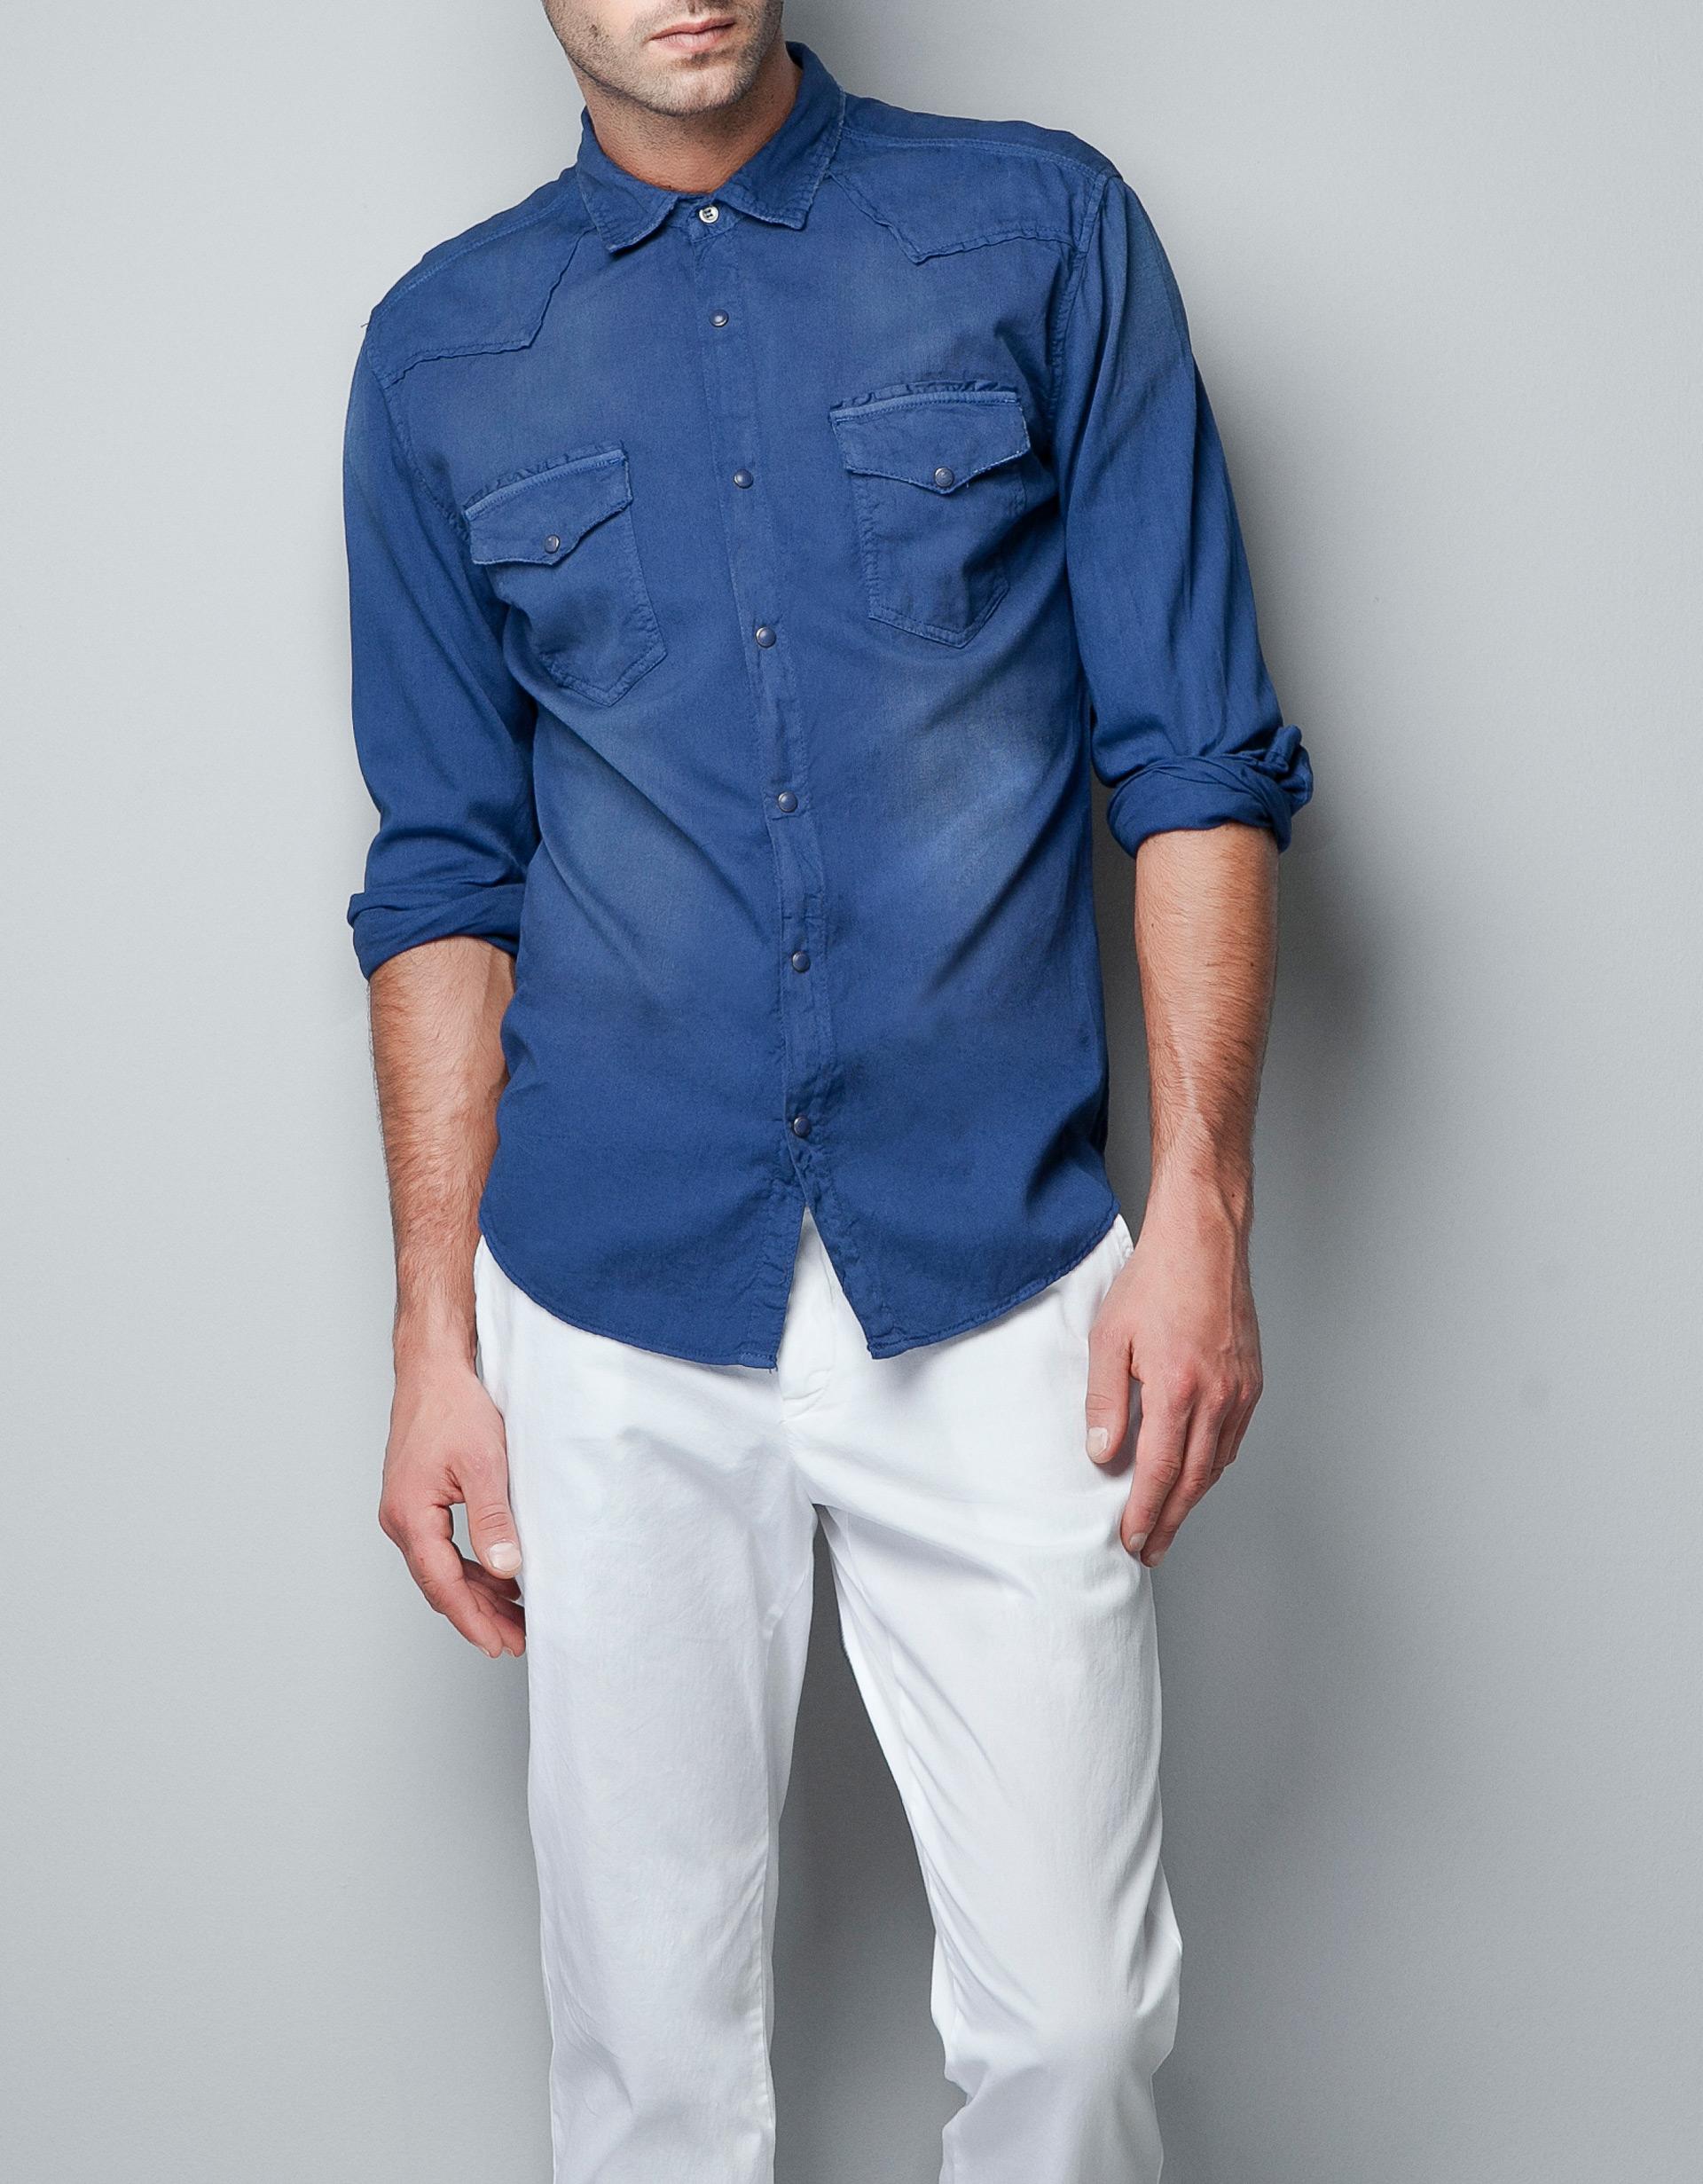 Zara structured denim shirt in blue for men indigo lyst for Zara mens shirts sale